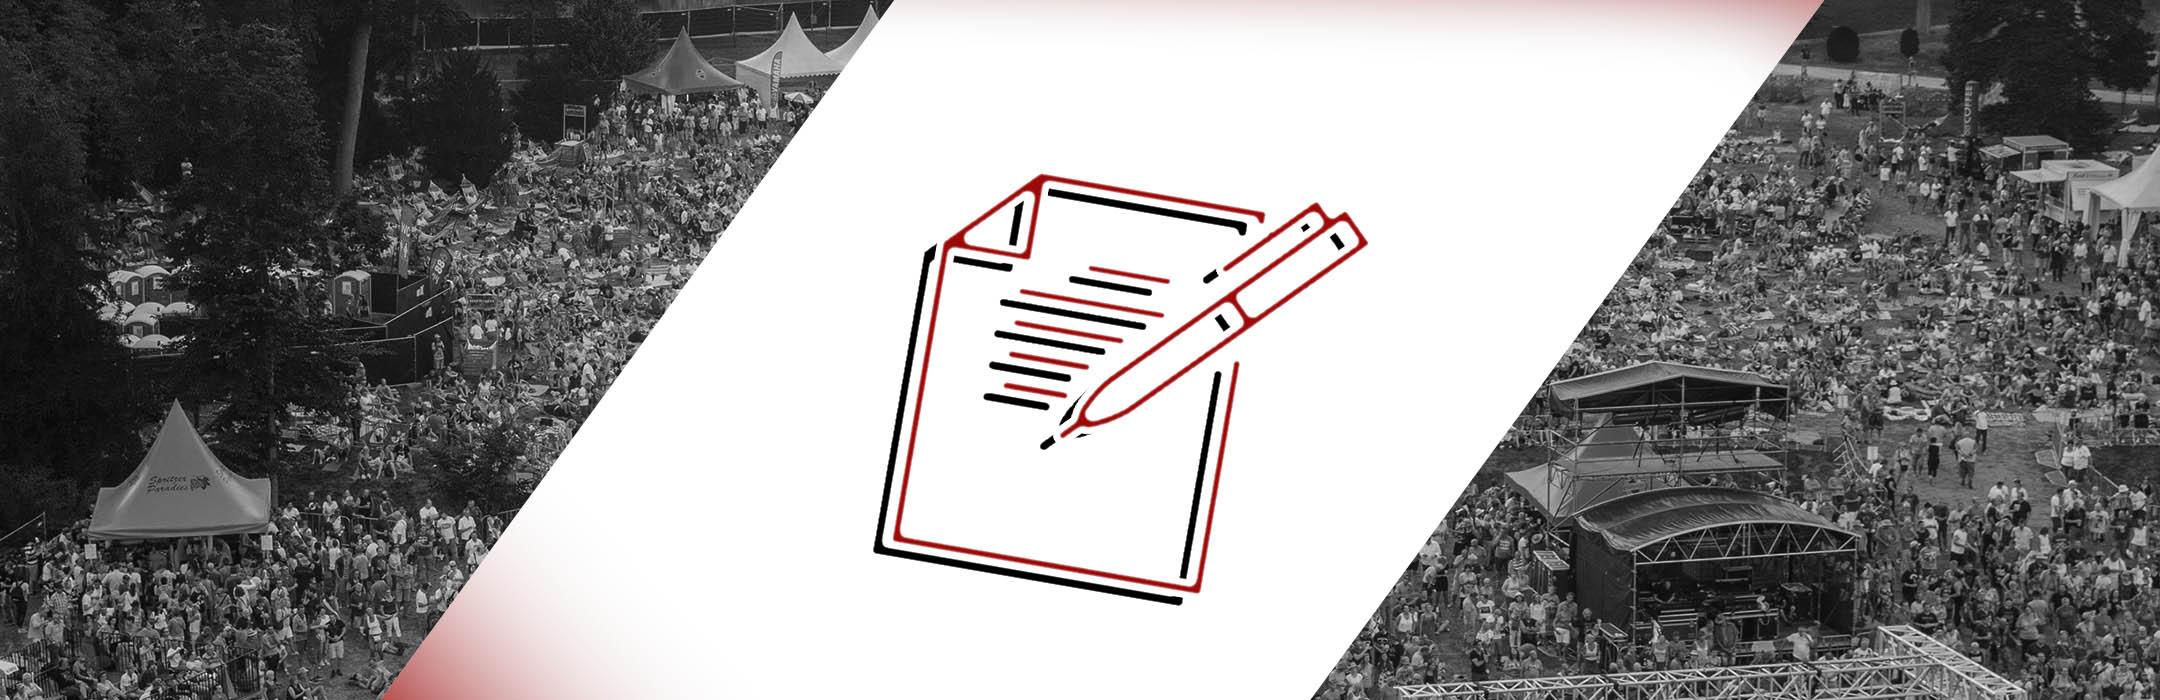 Titelbild Anmeldung I event-akademie.at. Mittig zeigt eine stilisierte Grafik einen Notizblock und Stift. Im Hintergrund sieht man die Crowd auf einem Festivalgelände.